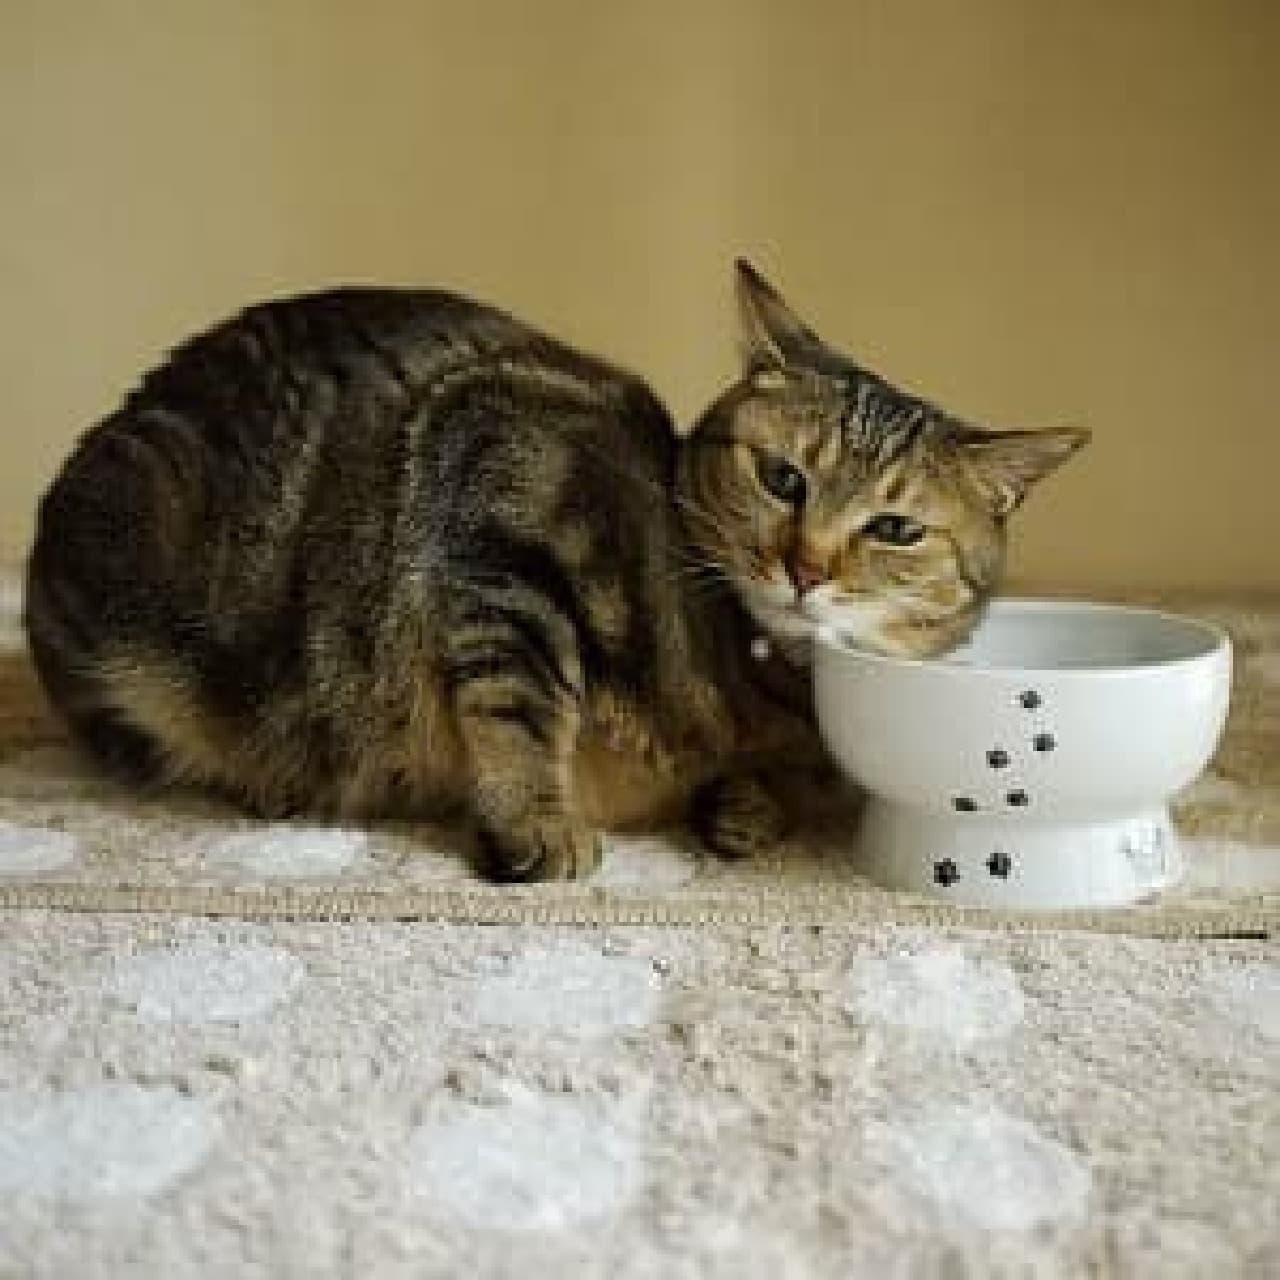 ネコが水を嚥下しやすいようデザインされた、ネコ用のウォーターボウル